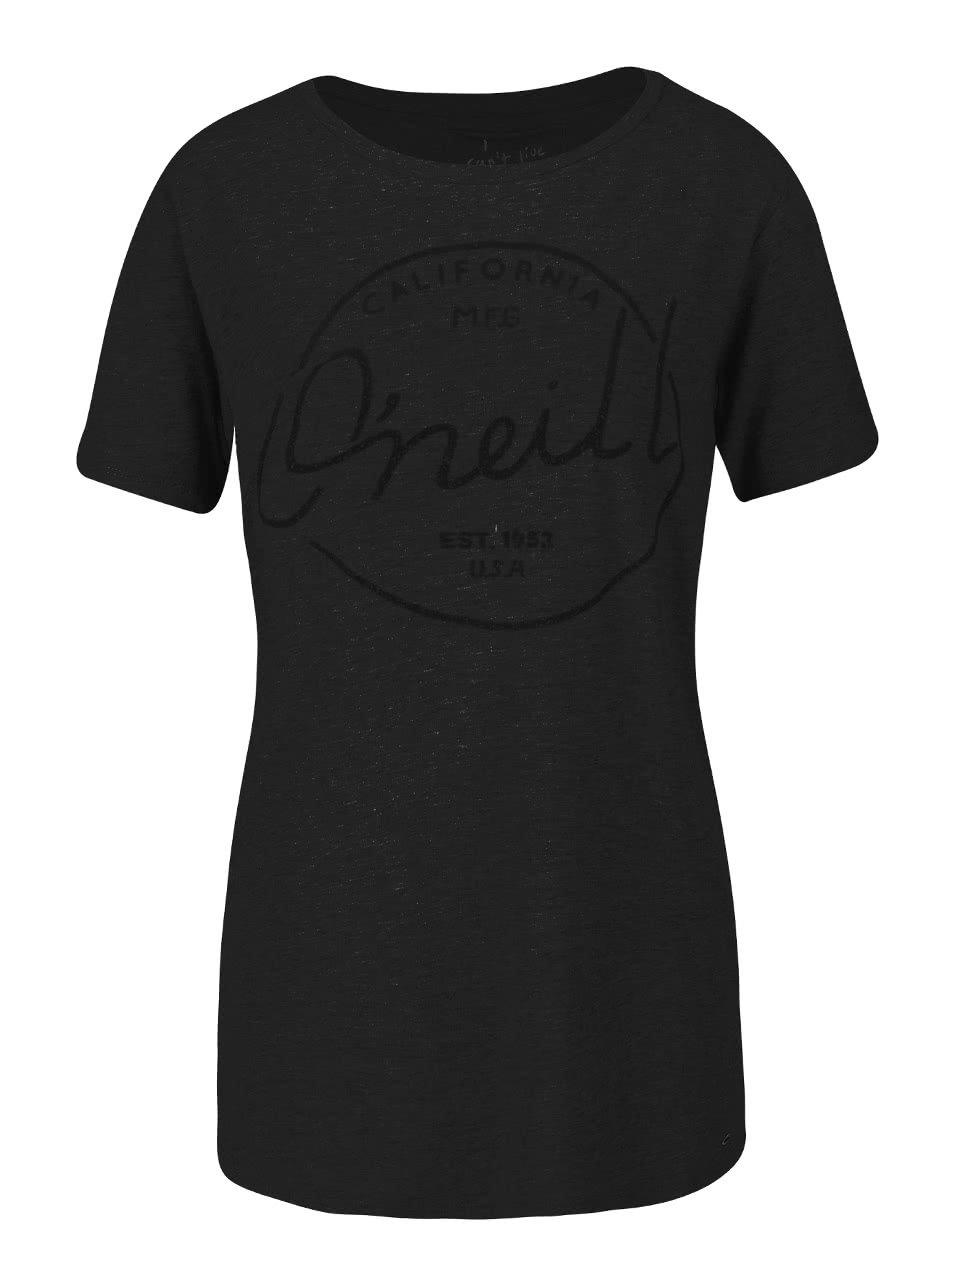 96c9bdb8661 Černé dámské tričko s potiskem O Neill Base Brand ...